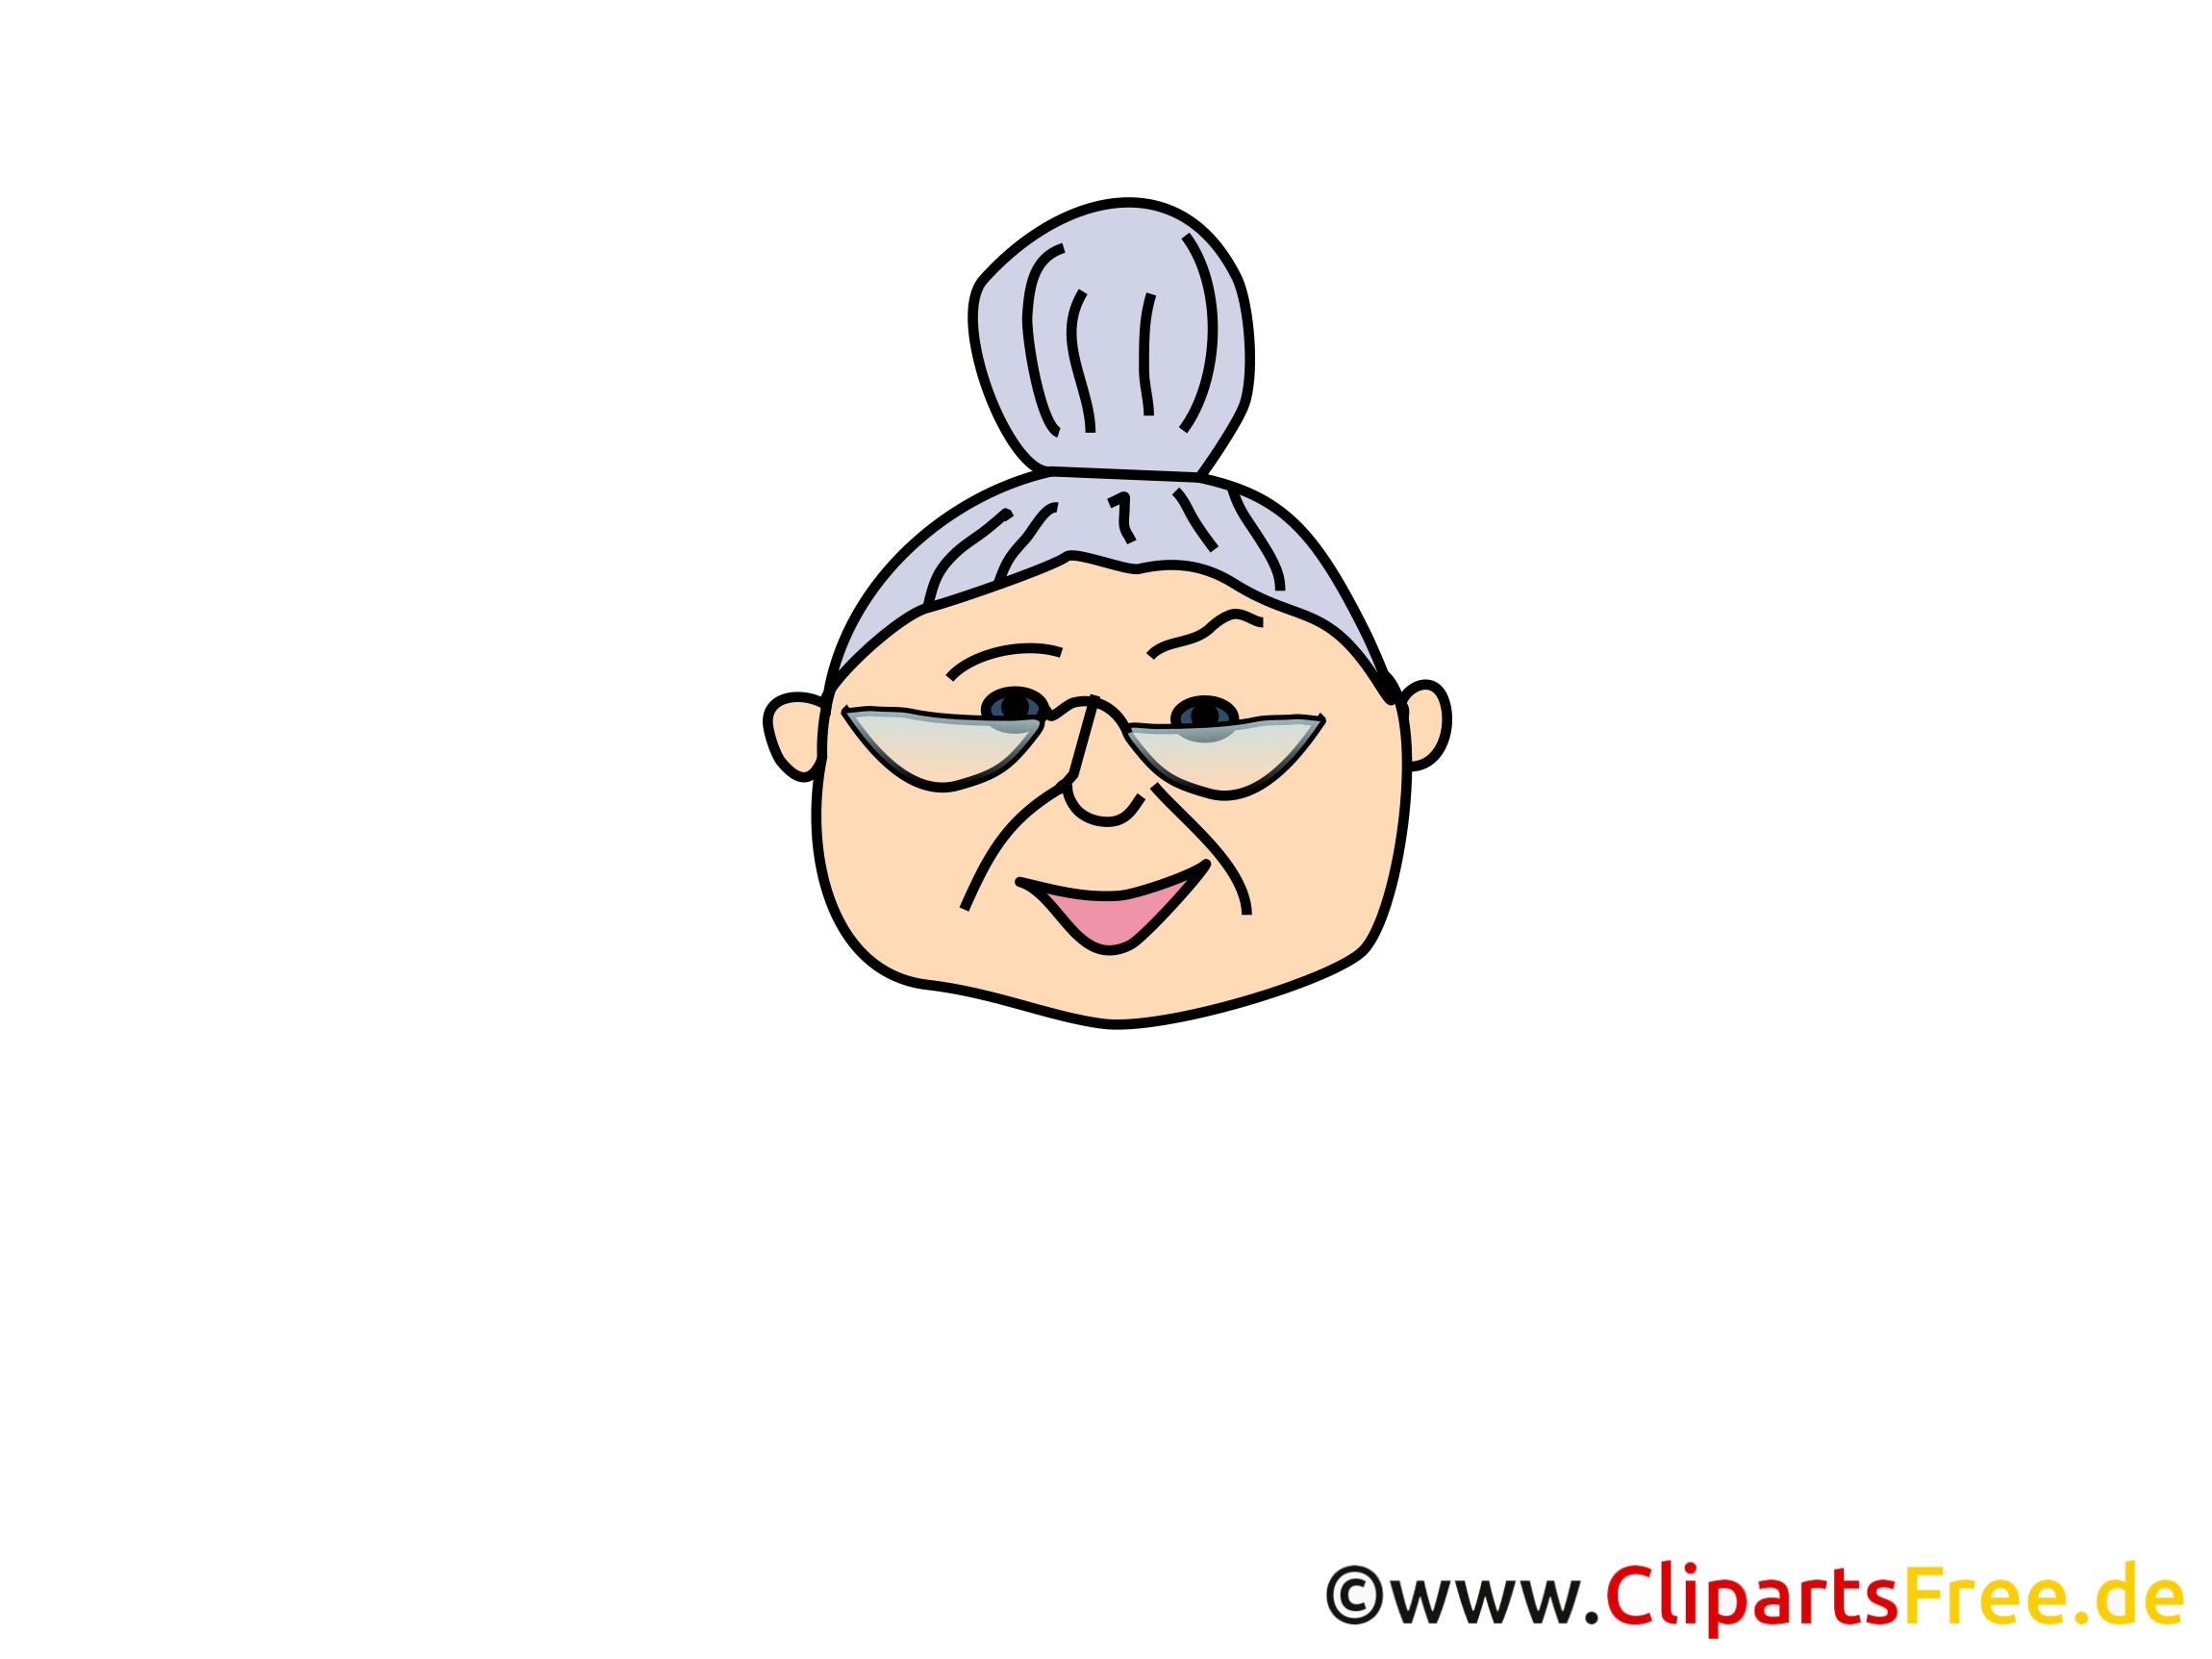 Grand-mère dessin - Personne cliparts à télécharger